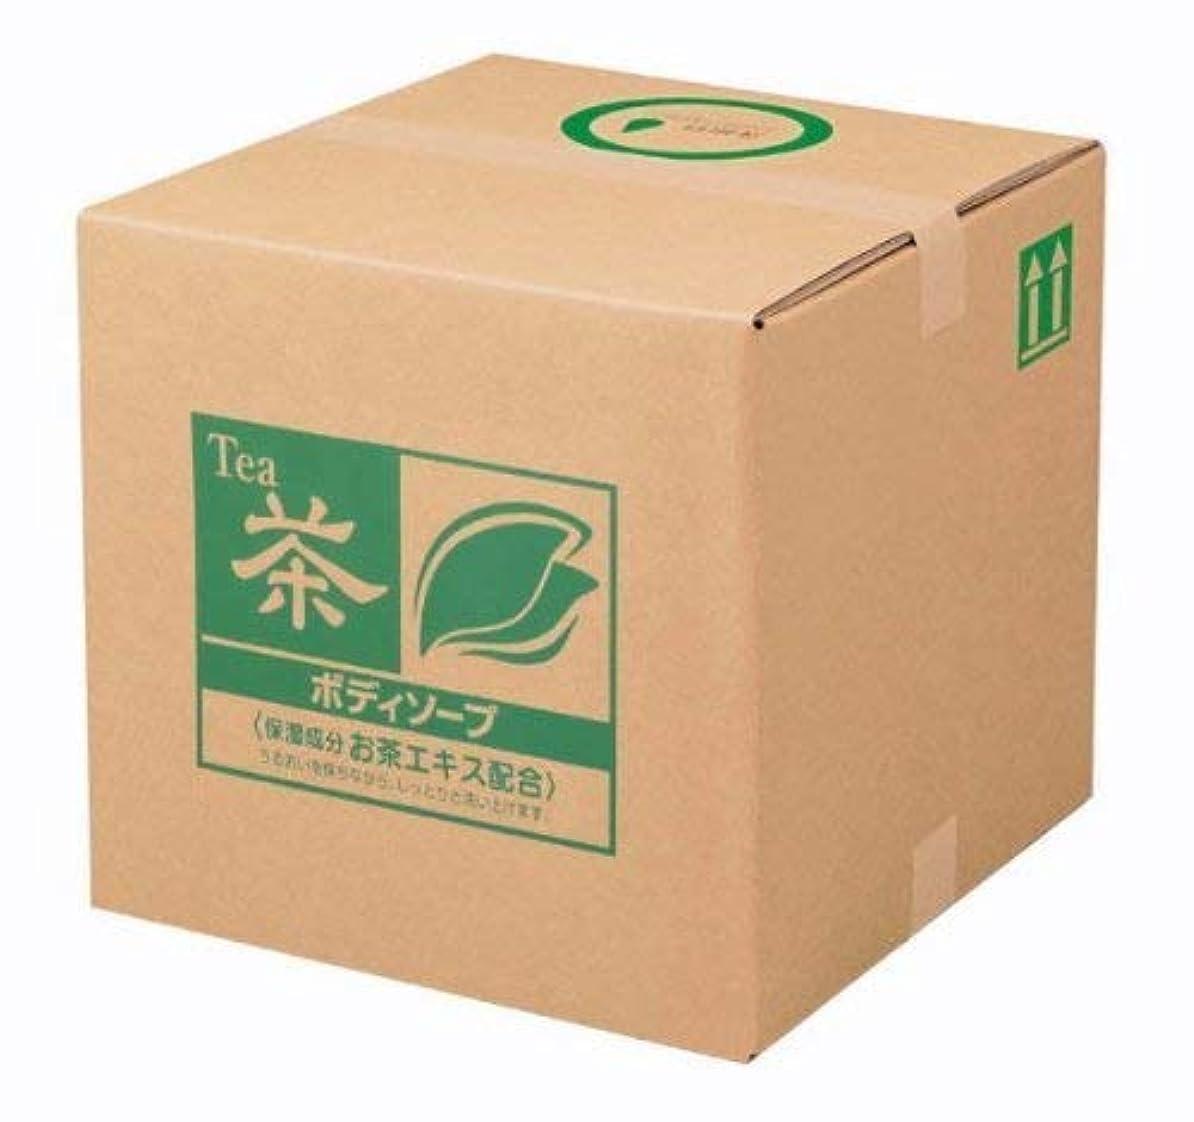 マーチャンダイザーロシアキャンセル業務用 SCRITT(スクリット) お茶 ボディソープ 18L 熊野油脂 (コック付き)